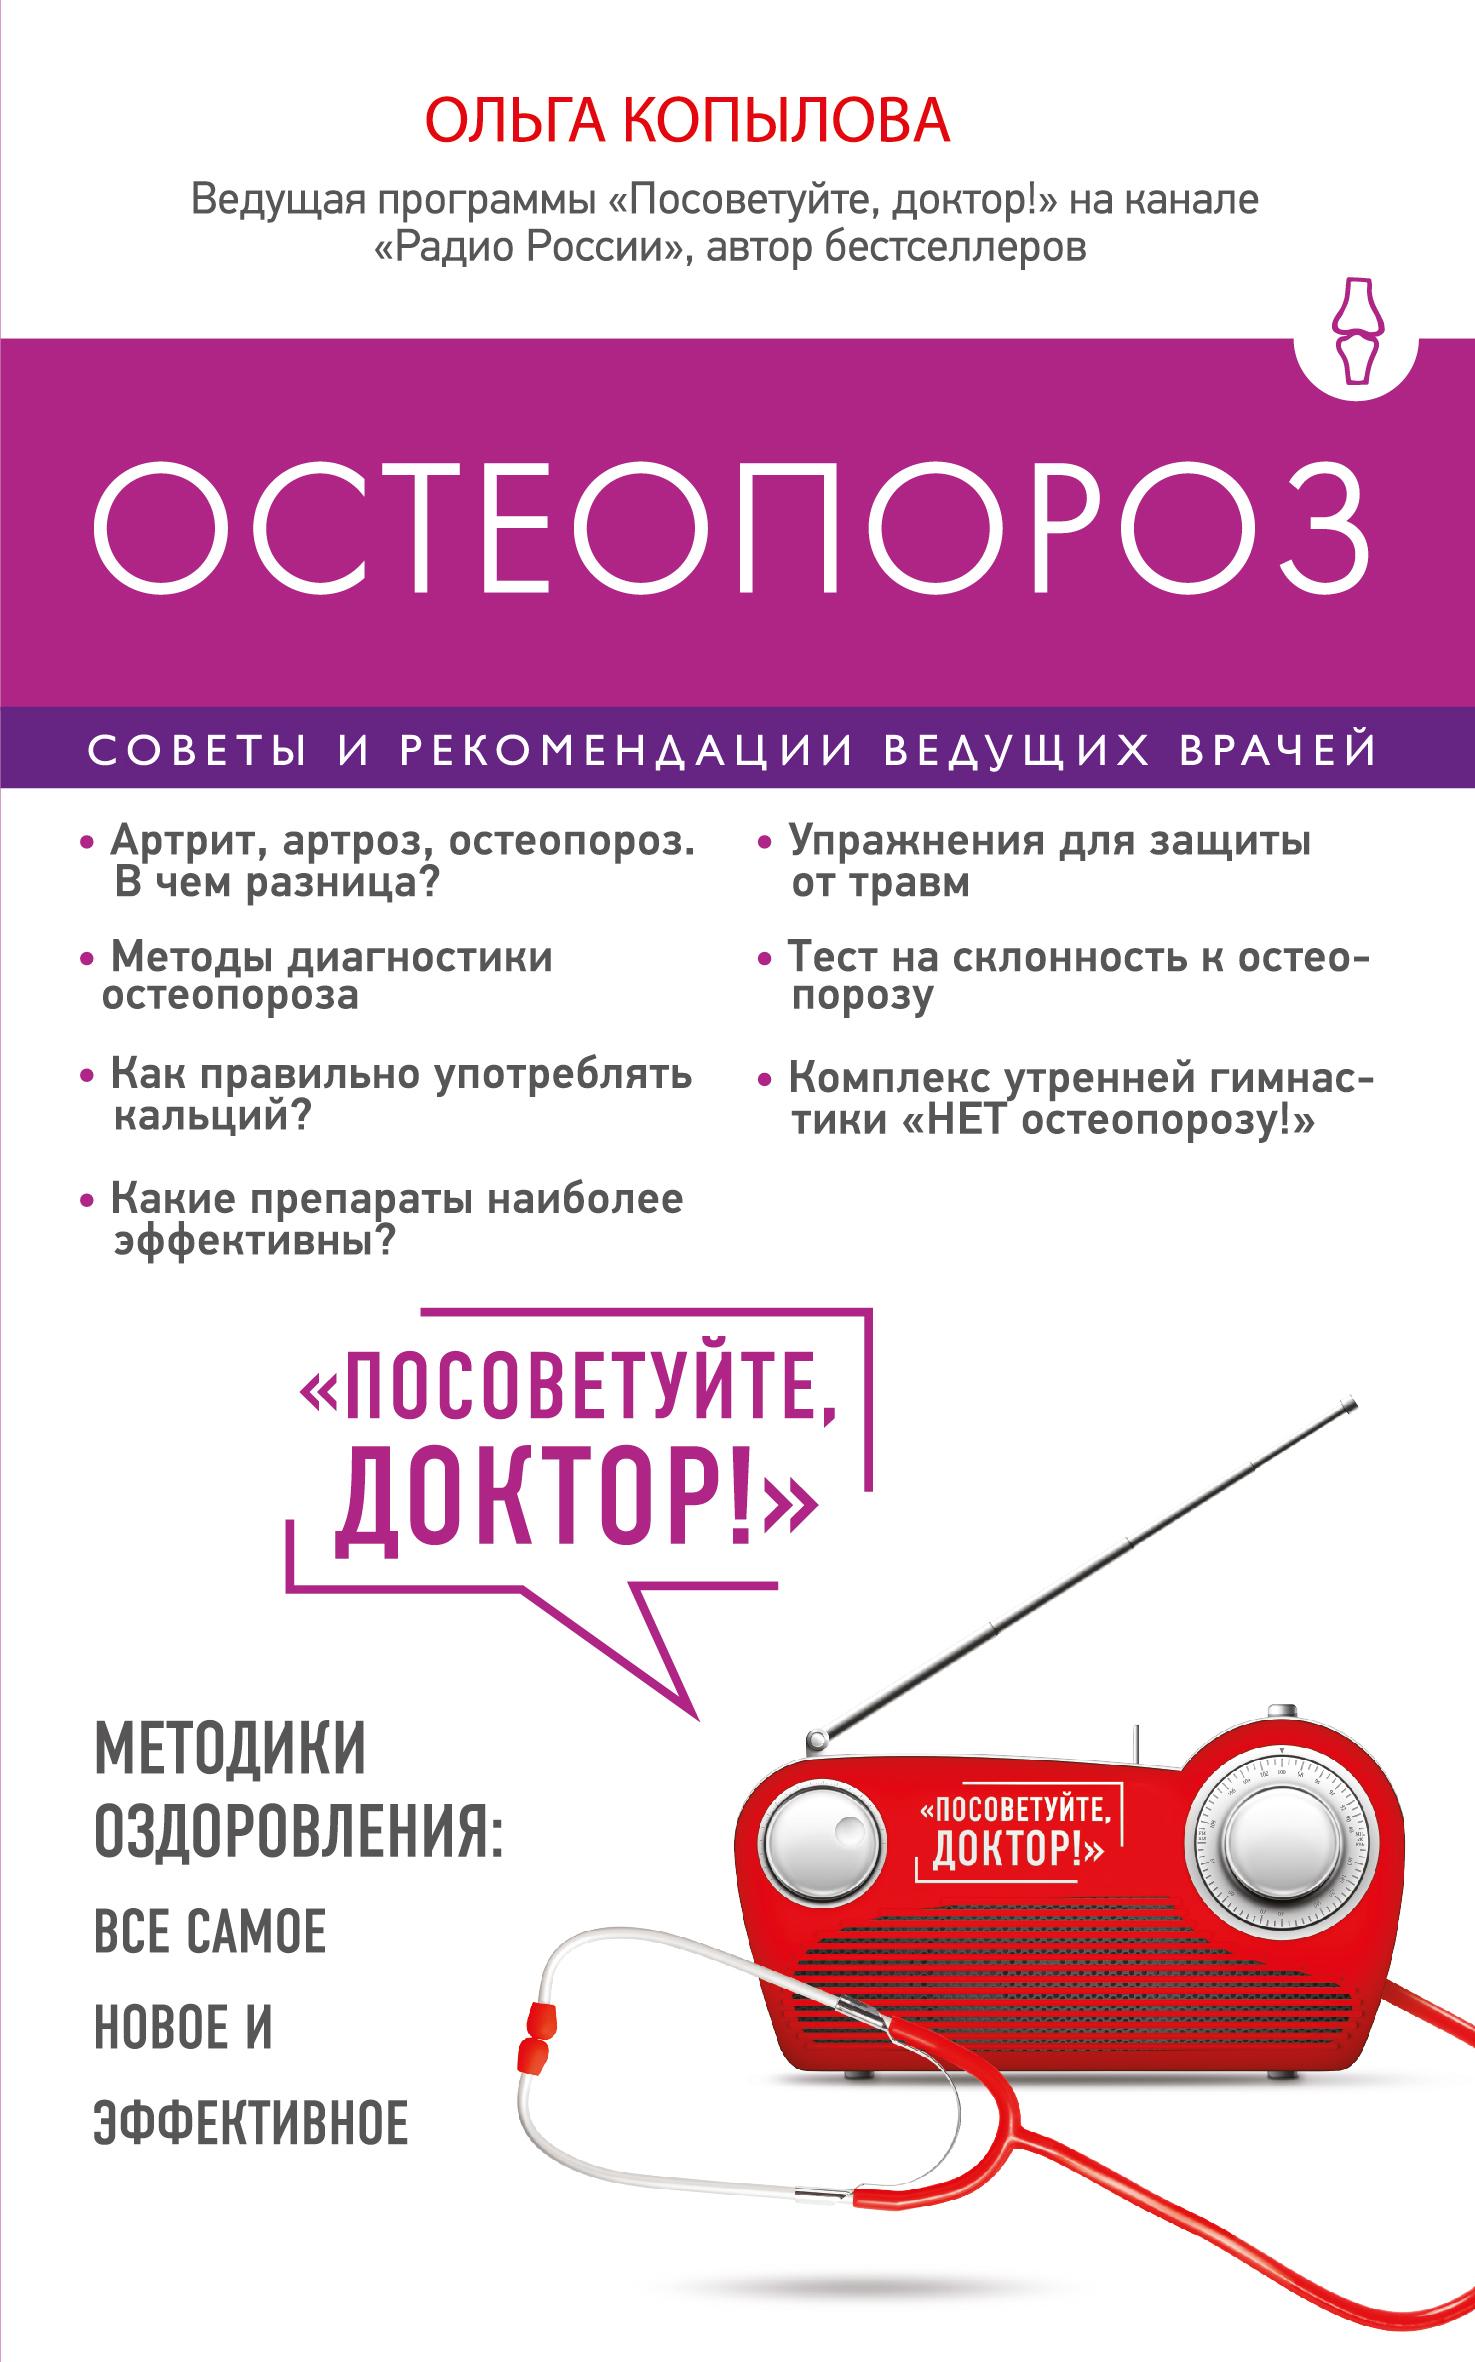 Крестцово-подвздошными суставами болезни